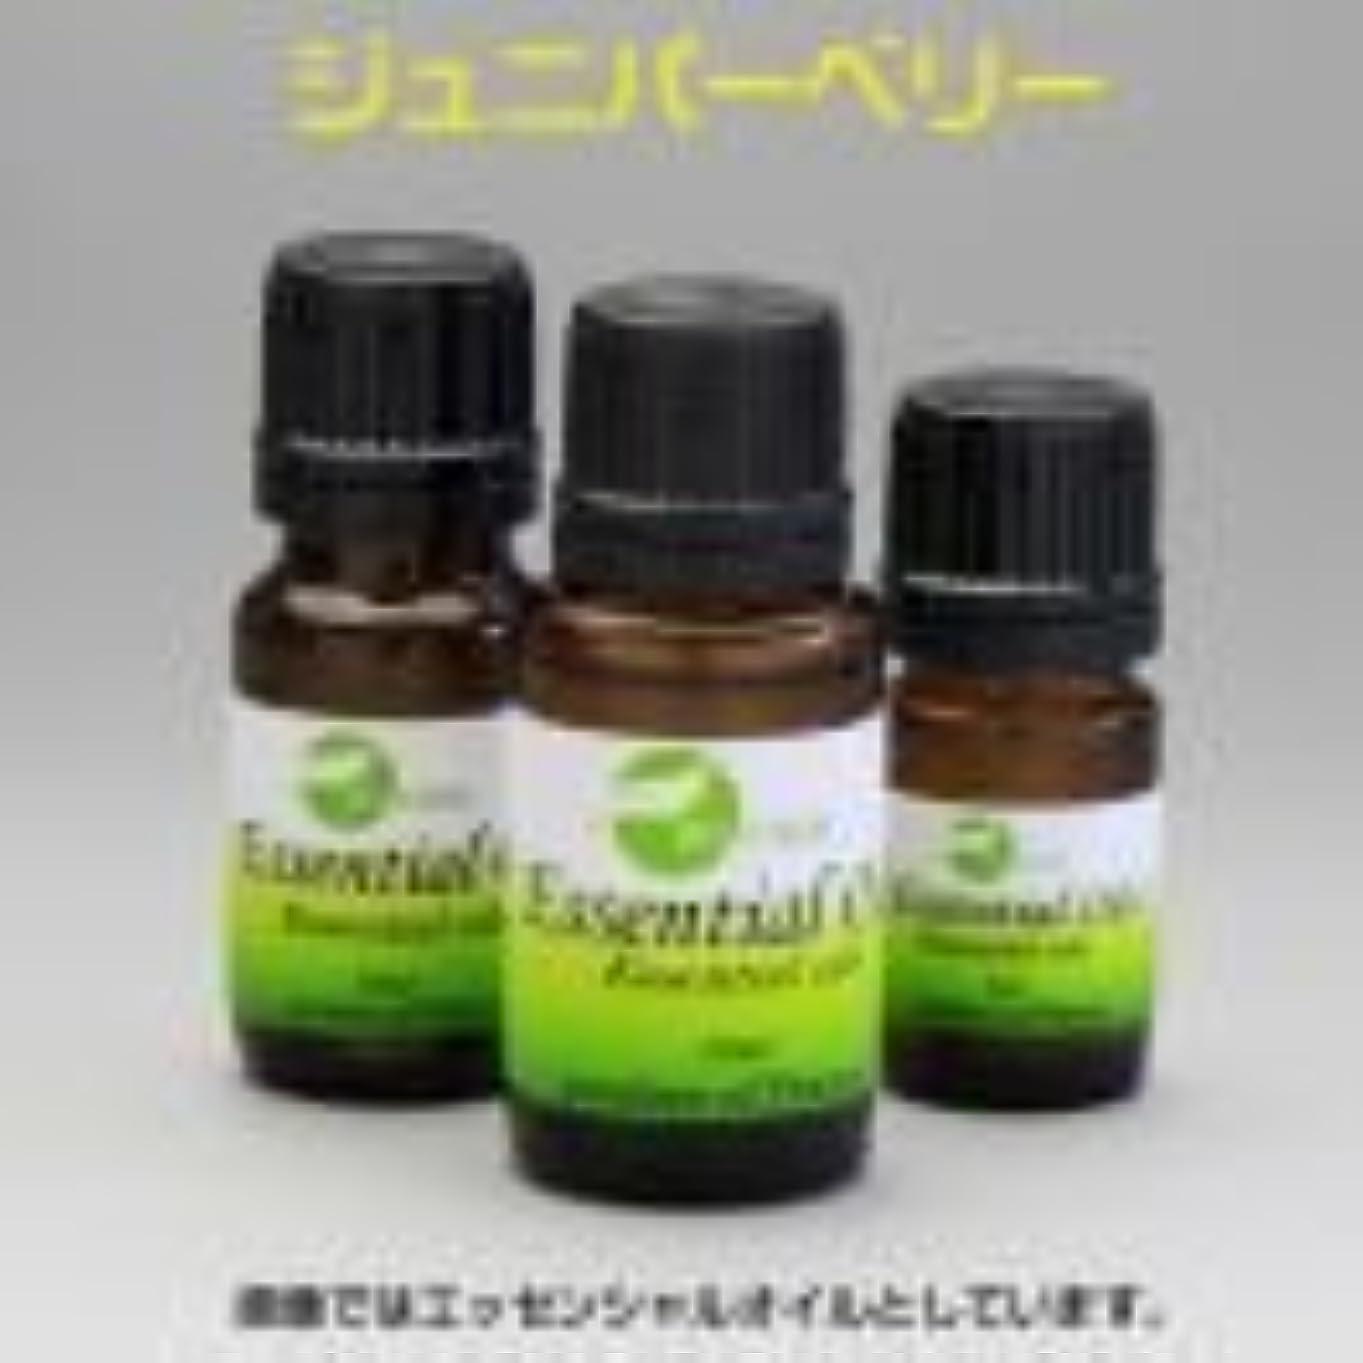 熟練したスポンサー技術[エッセンシャルオイル] 松の針葉に似たフレッシュな樹脂の香り ジュニパーベリー 15ml